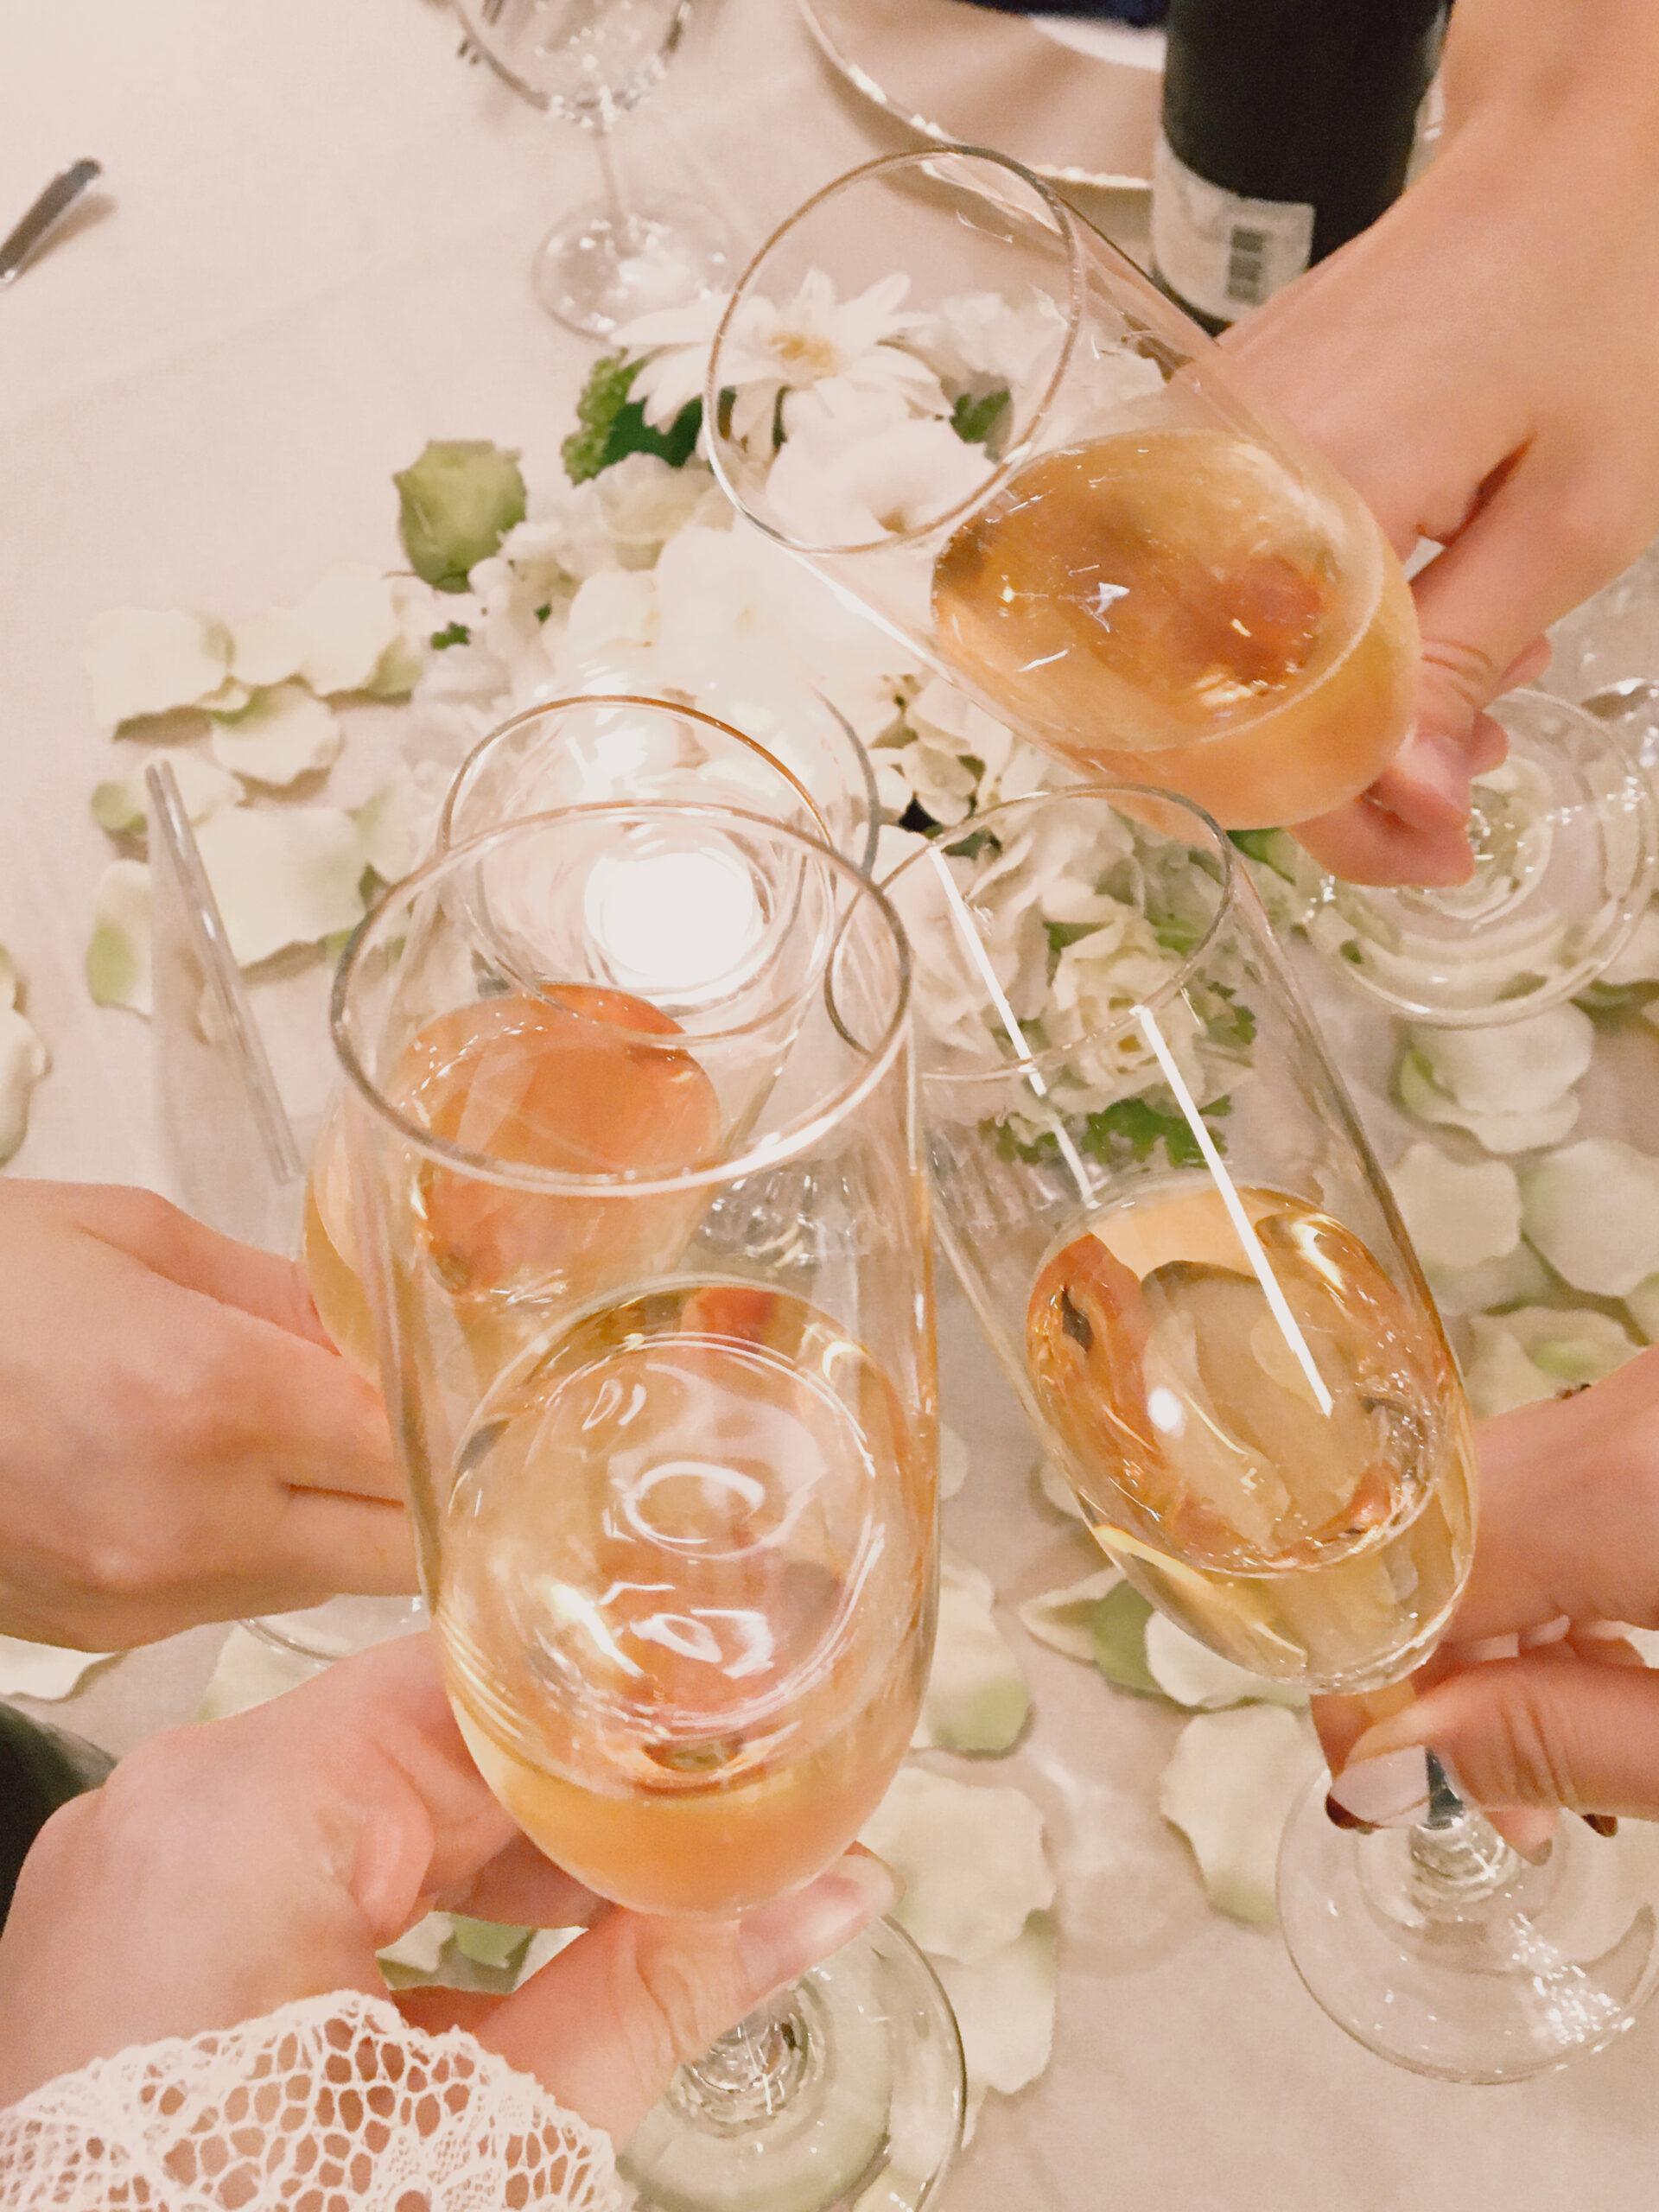 友達の結婚式